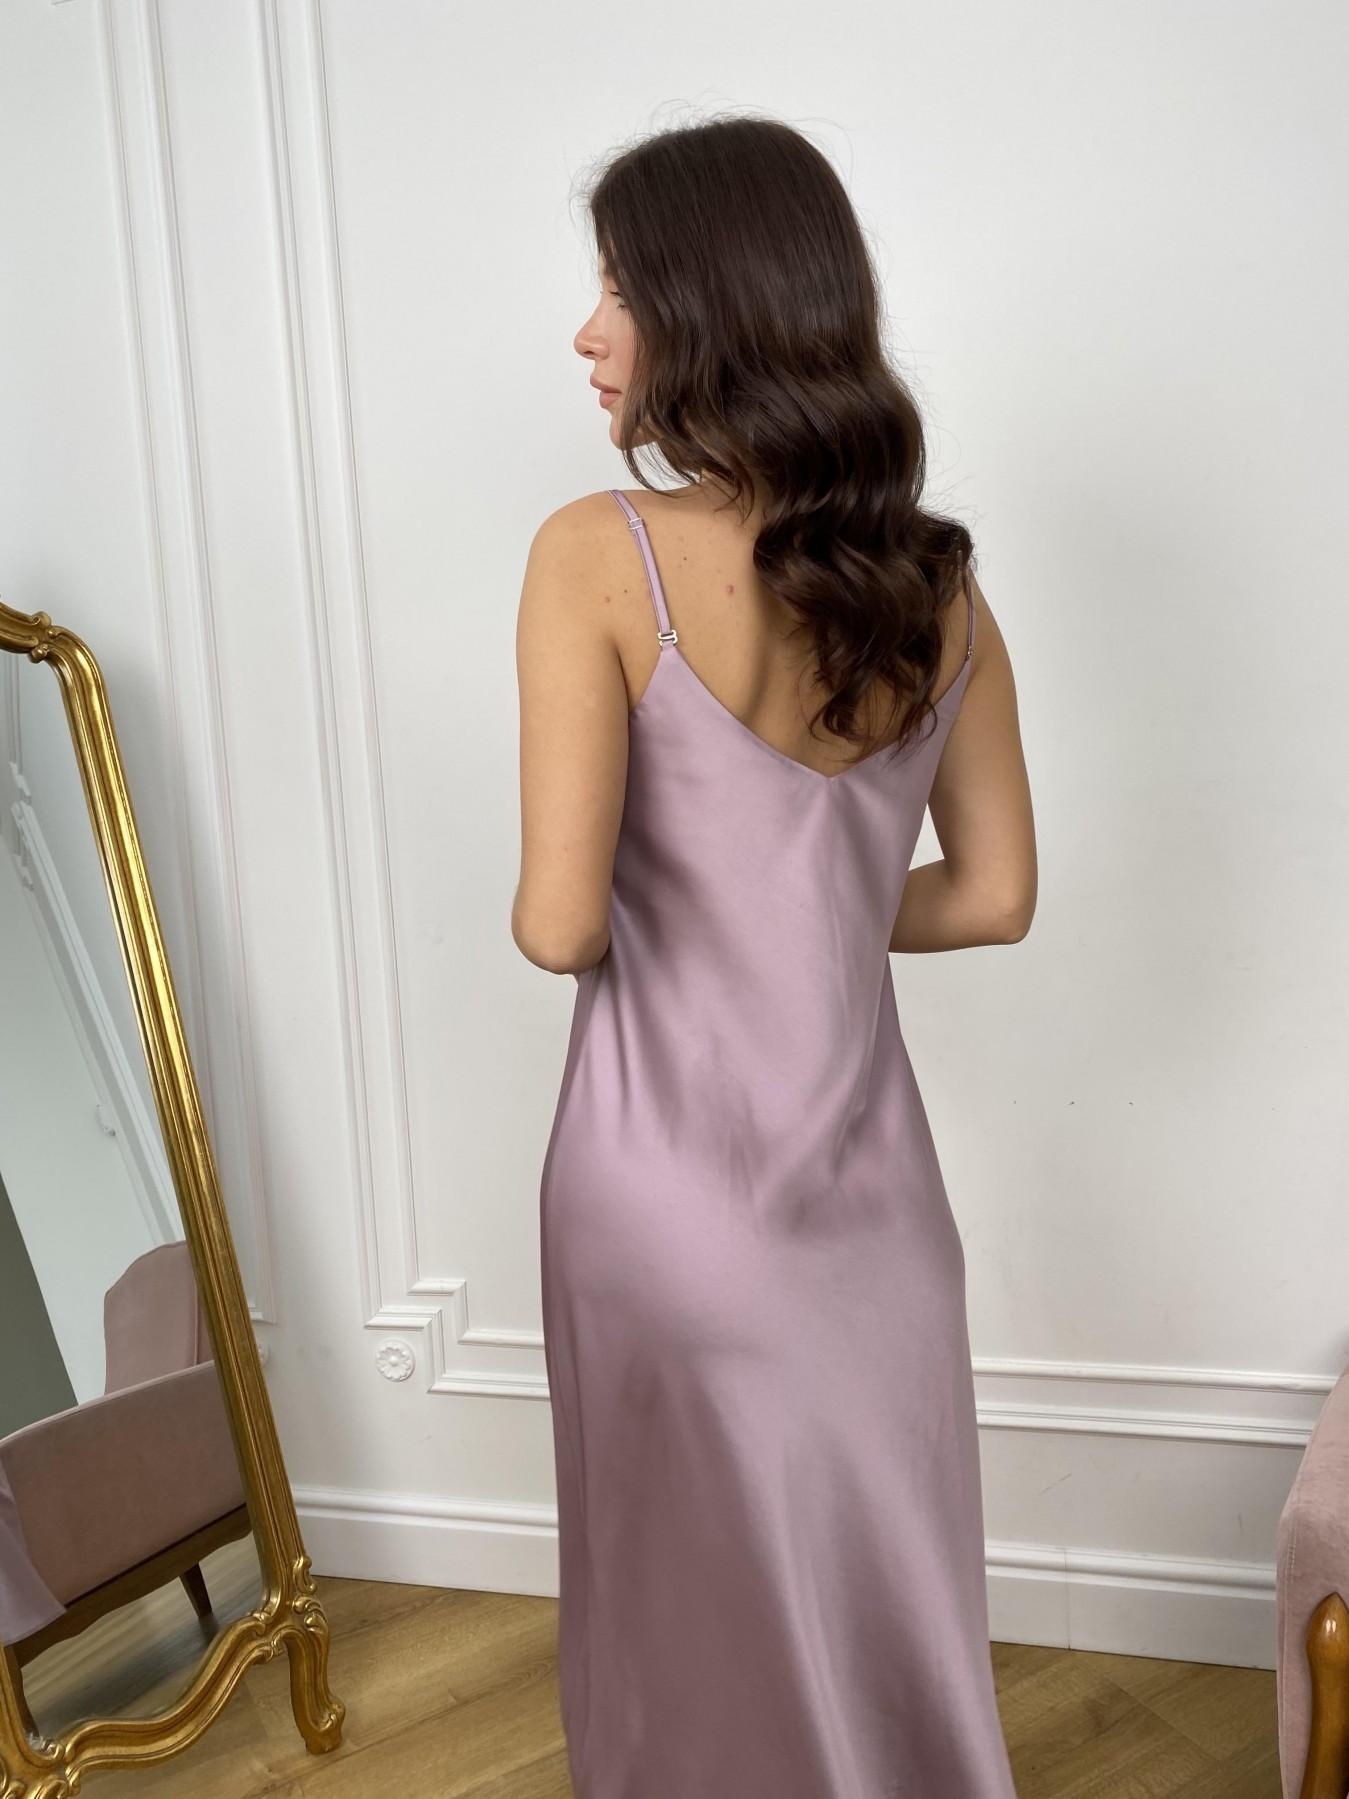 Камая Лайт платье из шелка 10611 АРТ. 46985 Цвет: Пудра - фото 3, интернет магазин tm-modus.ru